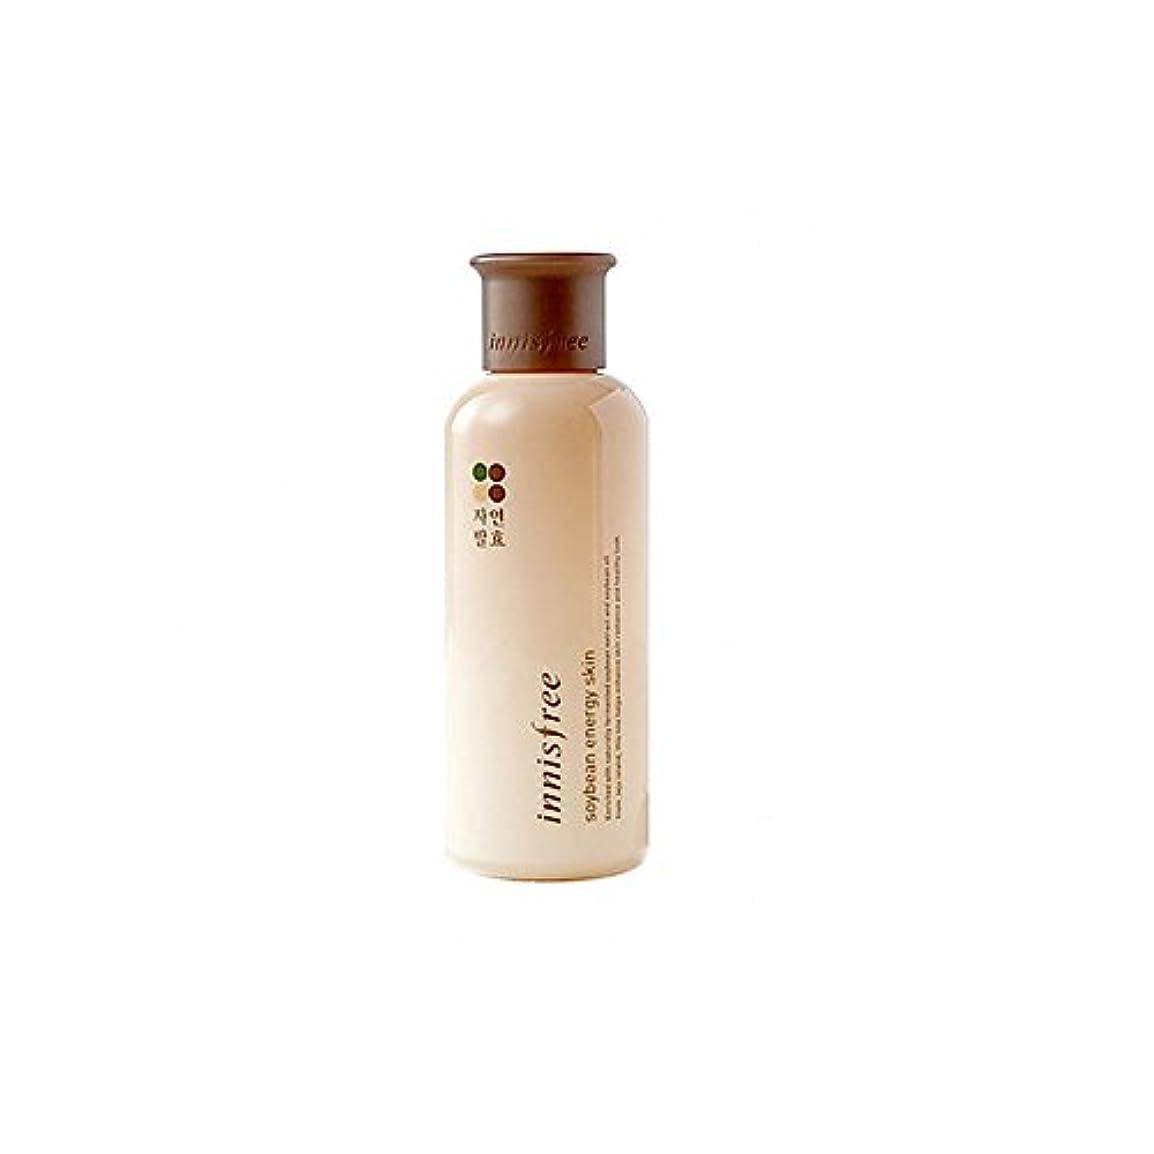 雑品必要としているヘルパー[イニスフリー] Innisfree 発酵大豆エネジスキン (200ml) Innisfree Soy Bean Energy Skin(200ml) [海外直送品]